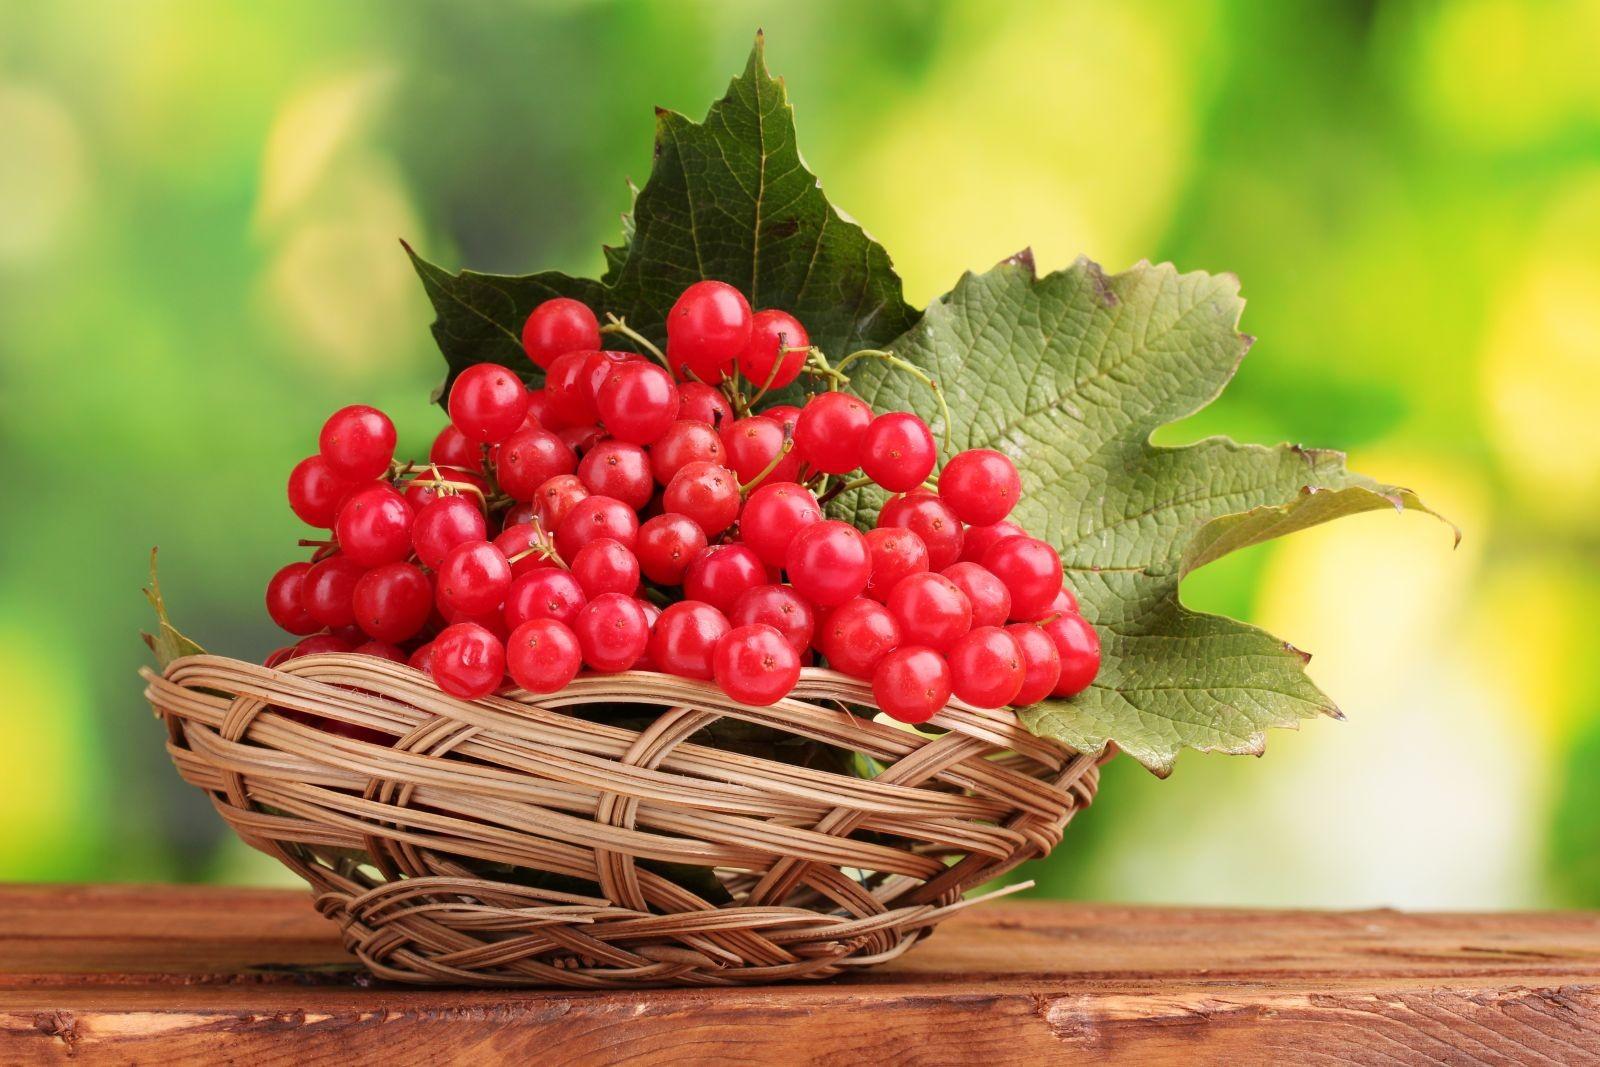 червона Калина – корисні властивості і протипоказання. Лікувальні рецепти – застосування в народній медицині кори, листя, ягід калини